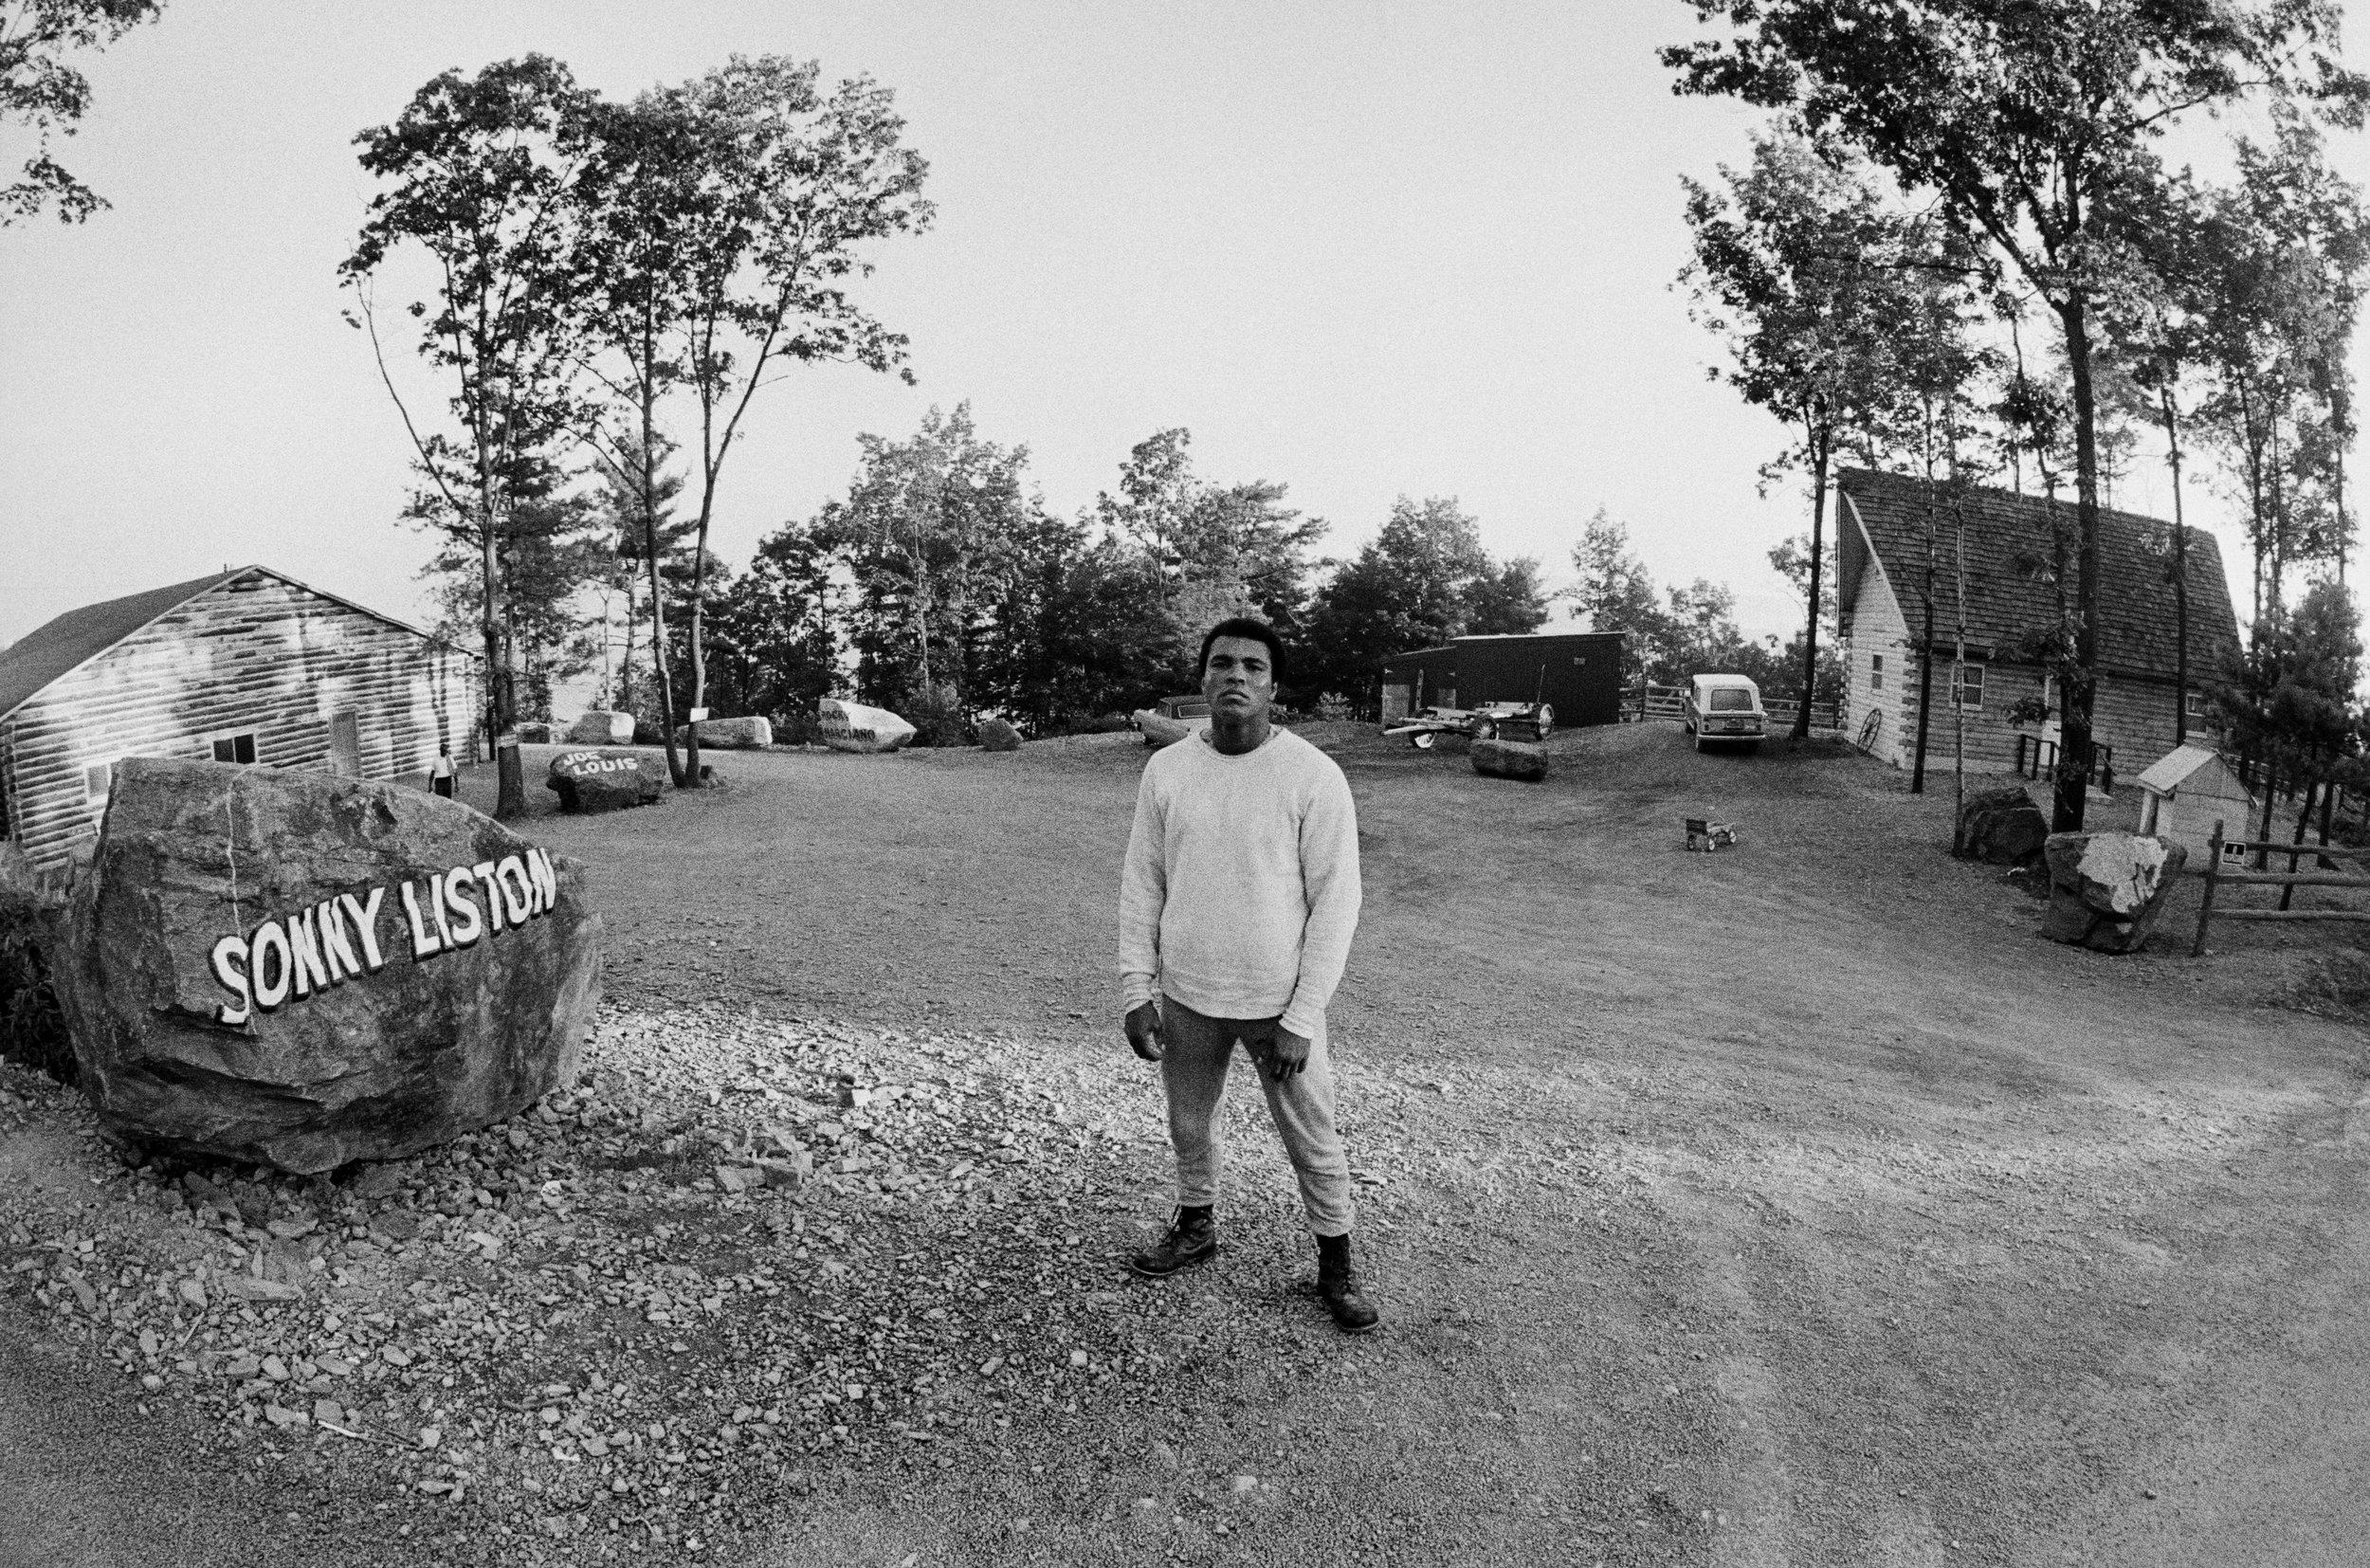 At Camp Entrance